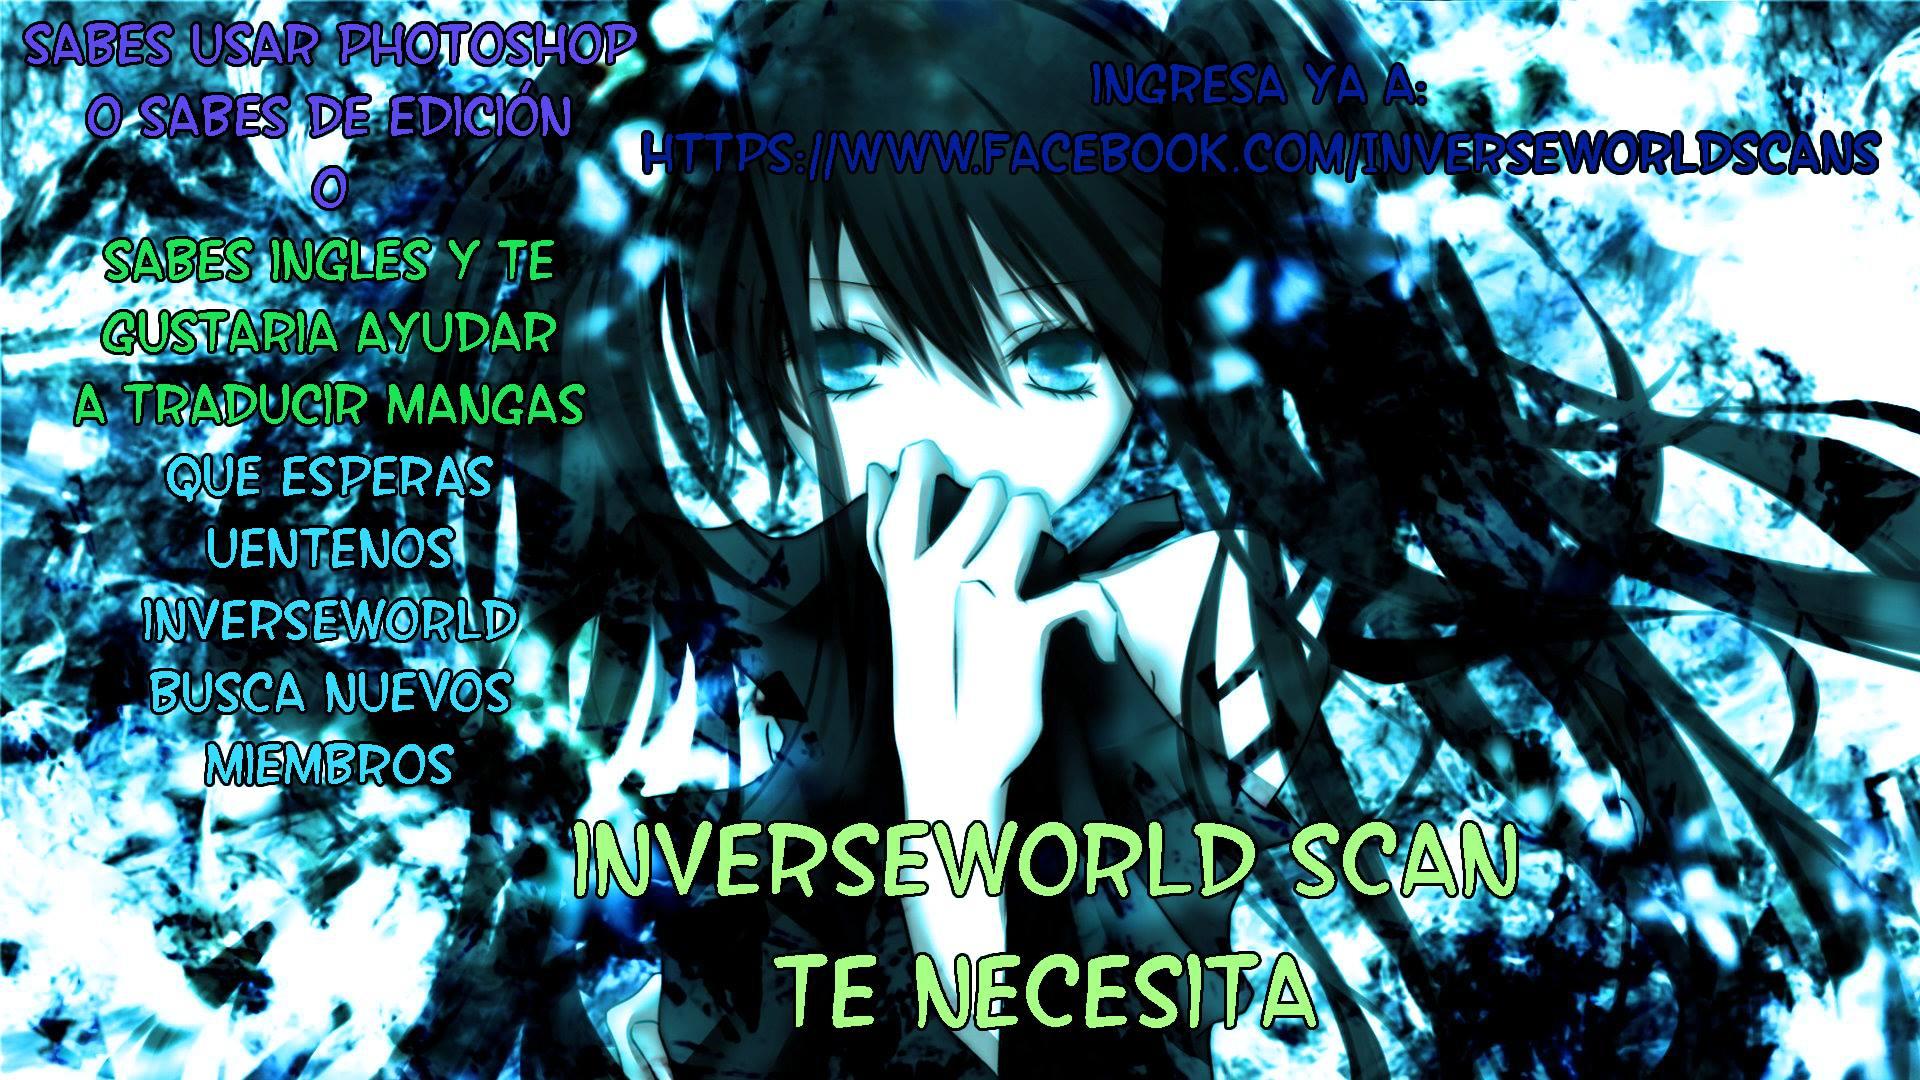 http://c5.ninemanga.com/es_manga/18/16210/391368/b3b4ba8e6e490eb0dad96db6b0735e8a.jpg Page 2